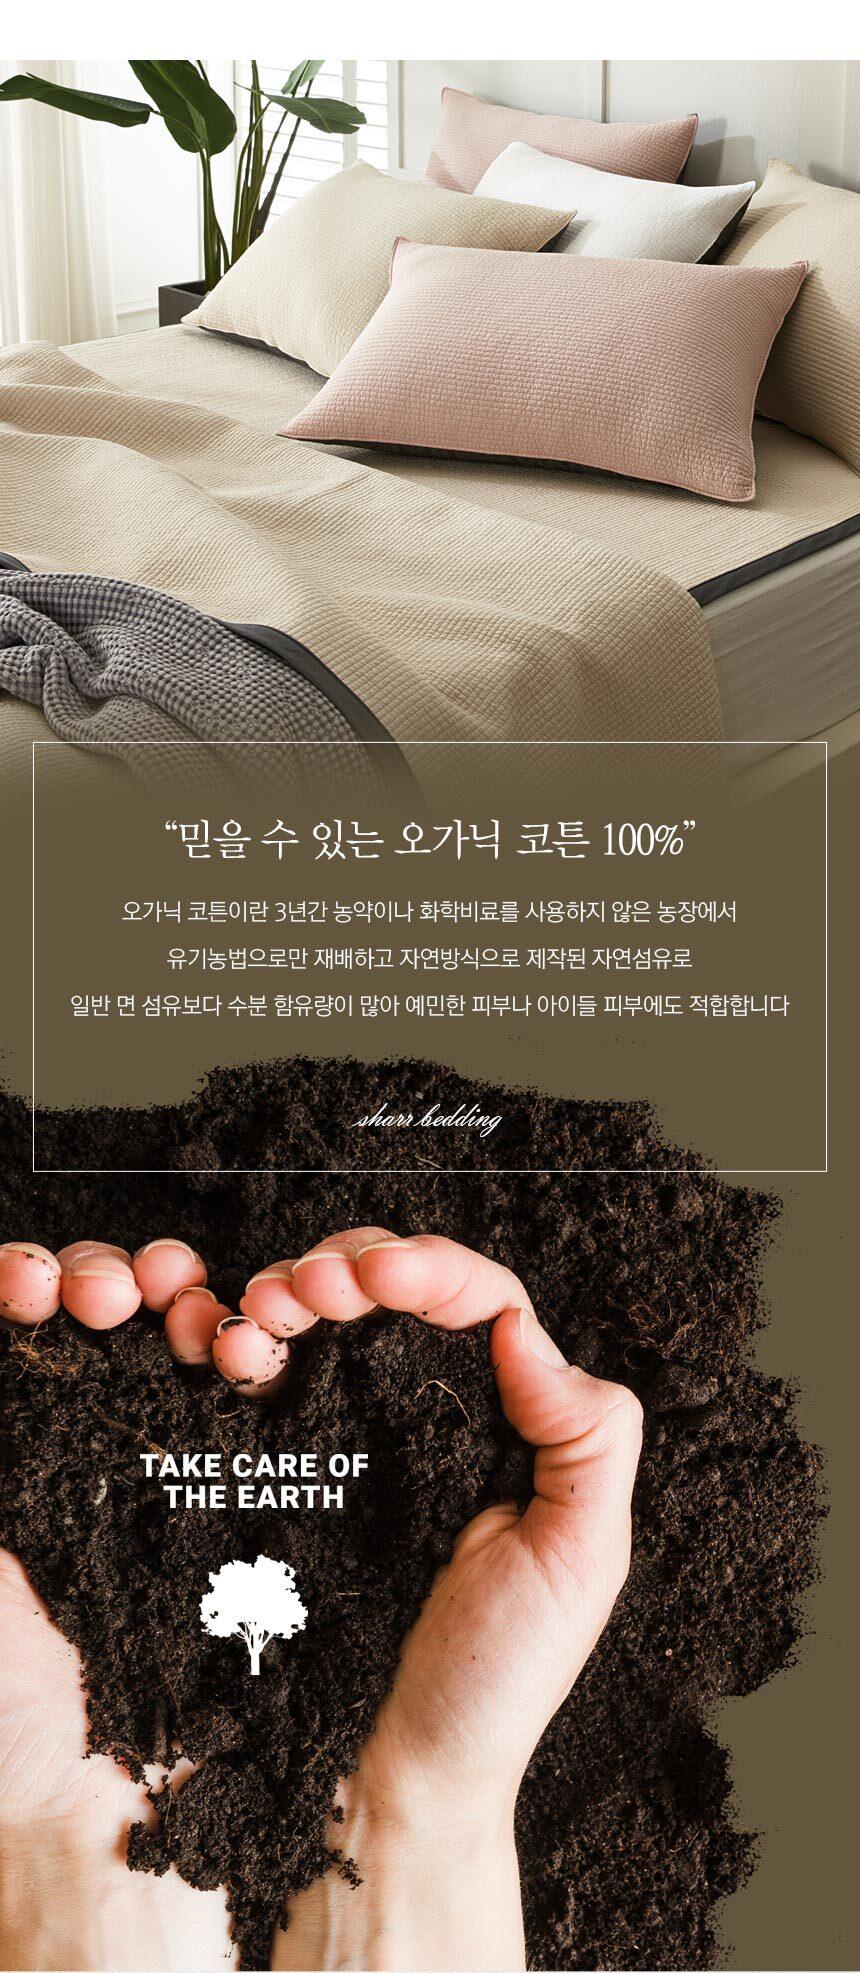 샤르르 모나 목화 오가닉 홑이불 싱글 150x210 - 샤이닝홈, 80,900원, 침구 단품, 홑이불